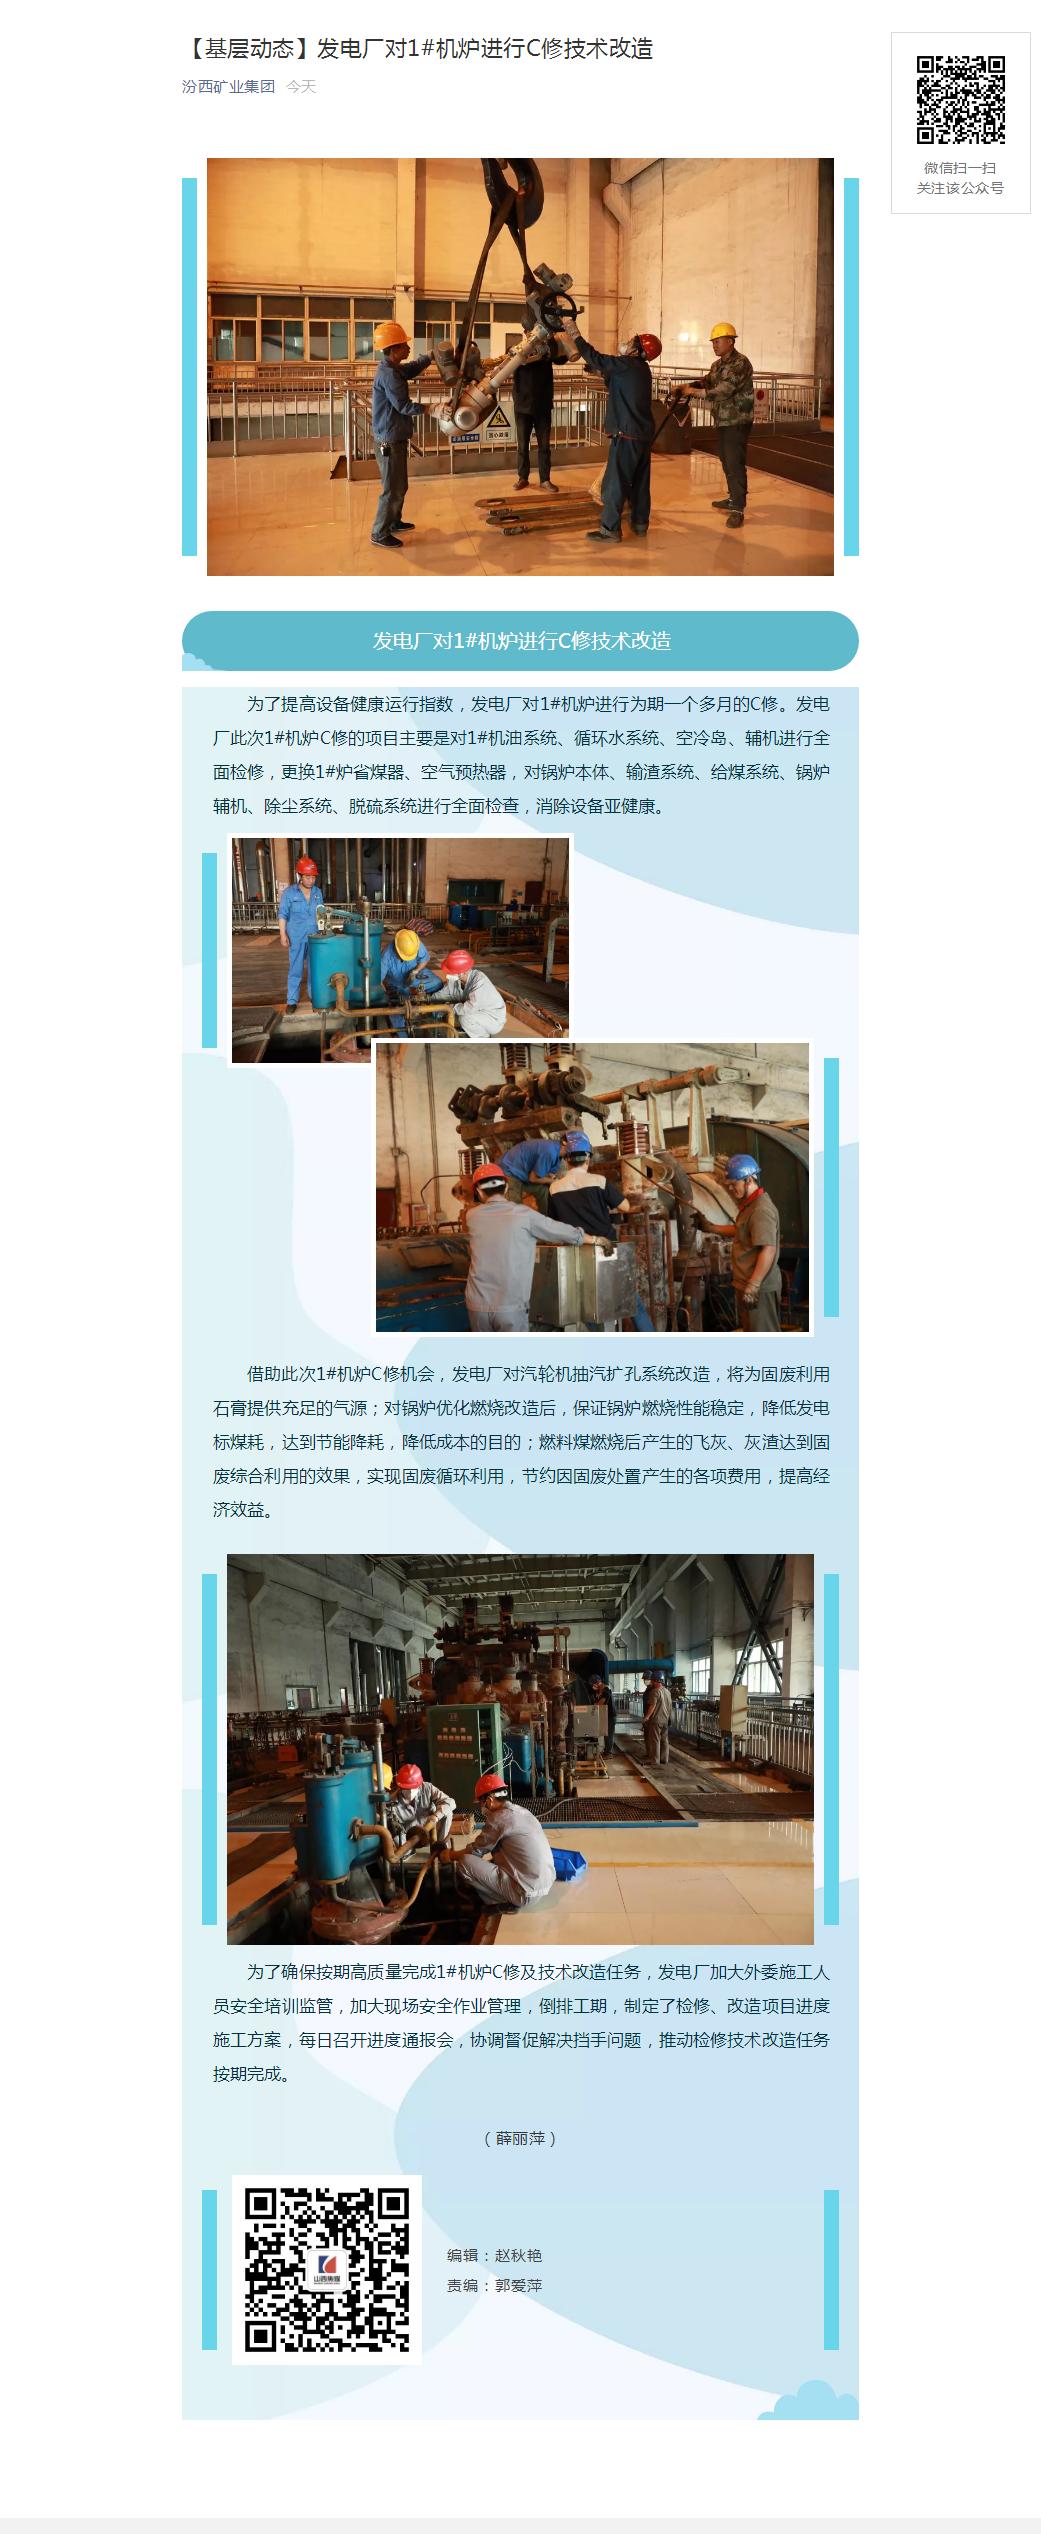 【基層動態】發電廠對1#機爐進行C修技術改造.png